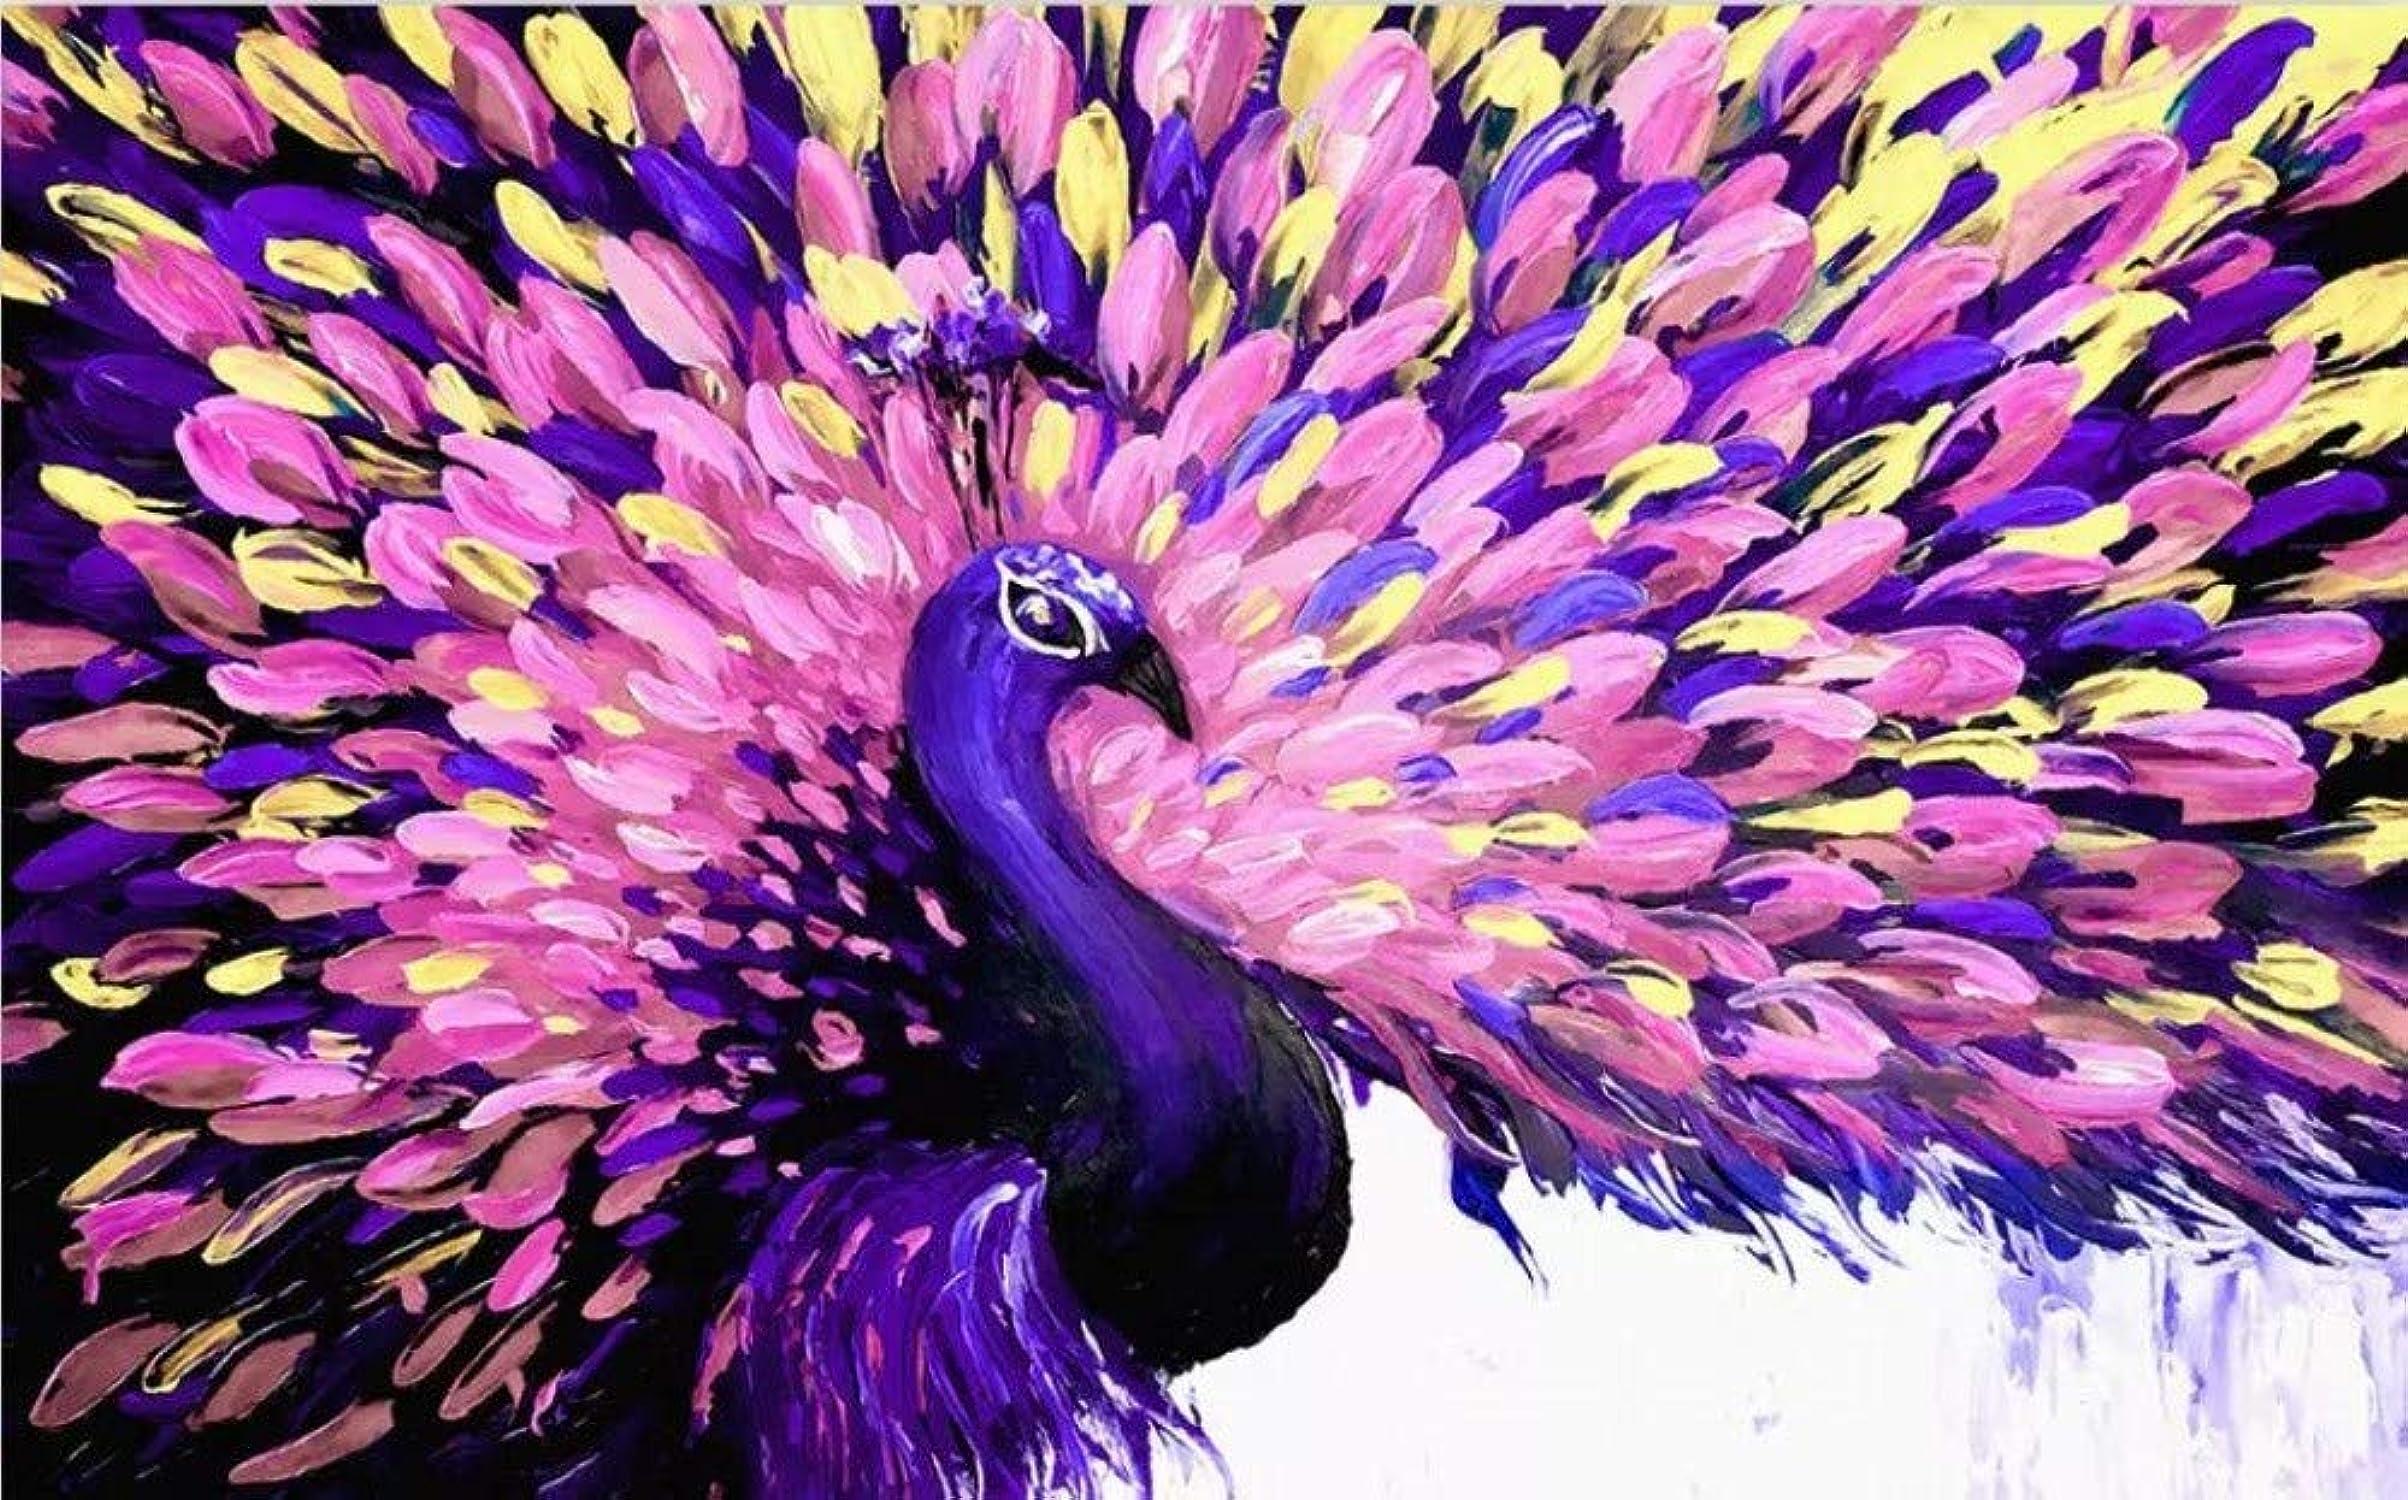 descuento de ventas en línea HDOUBR Papel Tapiz fotográfico Personalizado Estilo de Pintura Mural Color Color Color del Pavo Real Arte Pintura al óleo Pintura Decorativa de la Parojo Papel de Parojo-a, 200x140 cm (78.7 por 55.1 pulg.)  autorización oficial